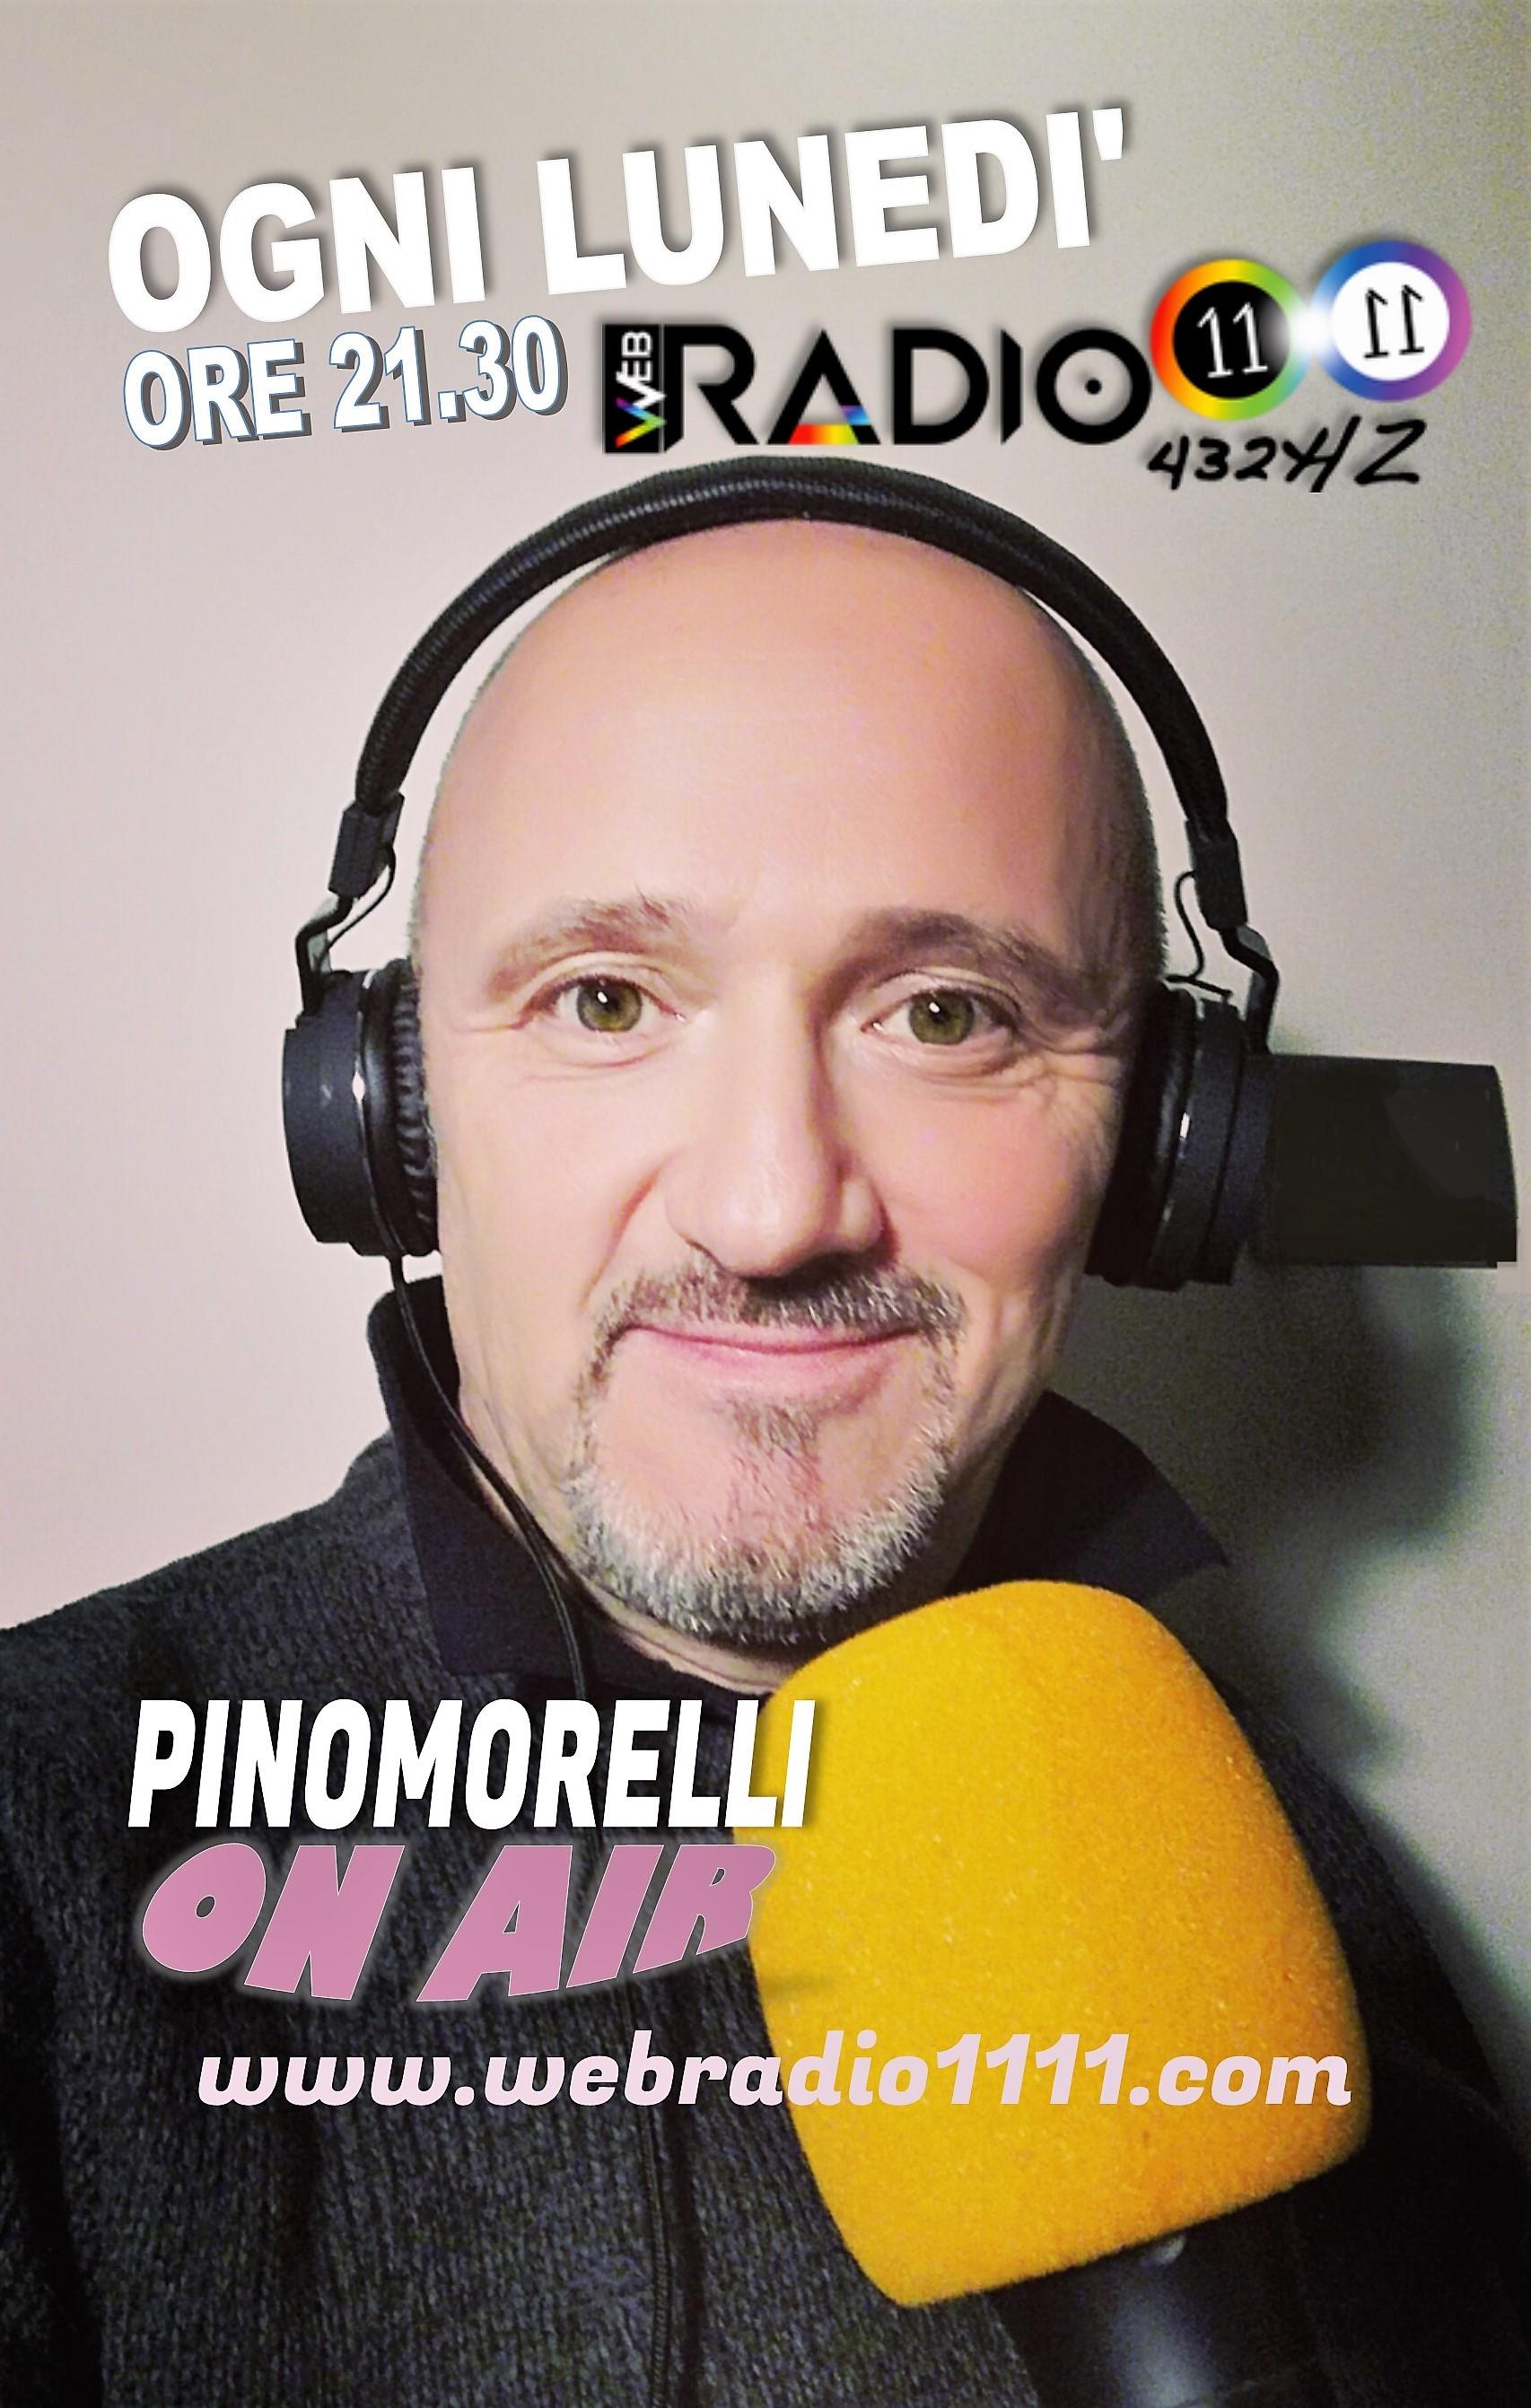 a partire dalle ore 21.30 su www.webradio1111.com